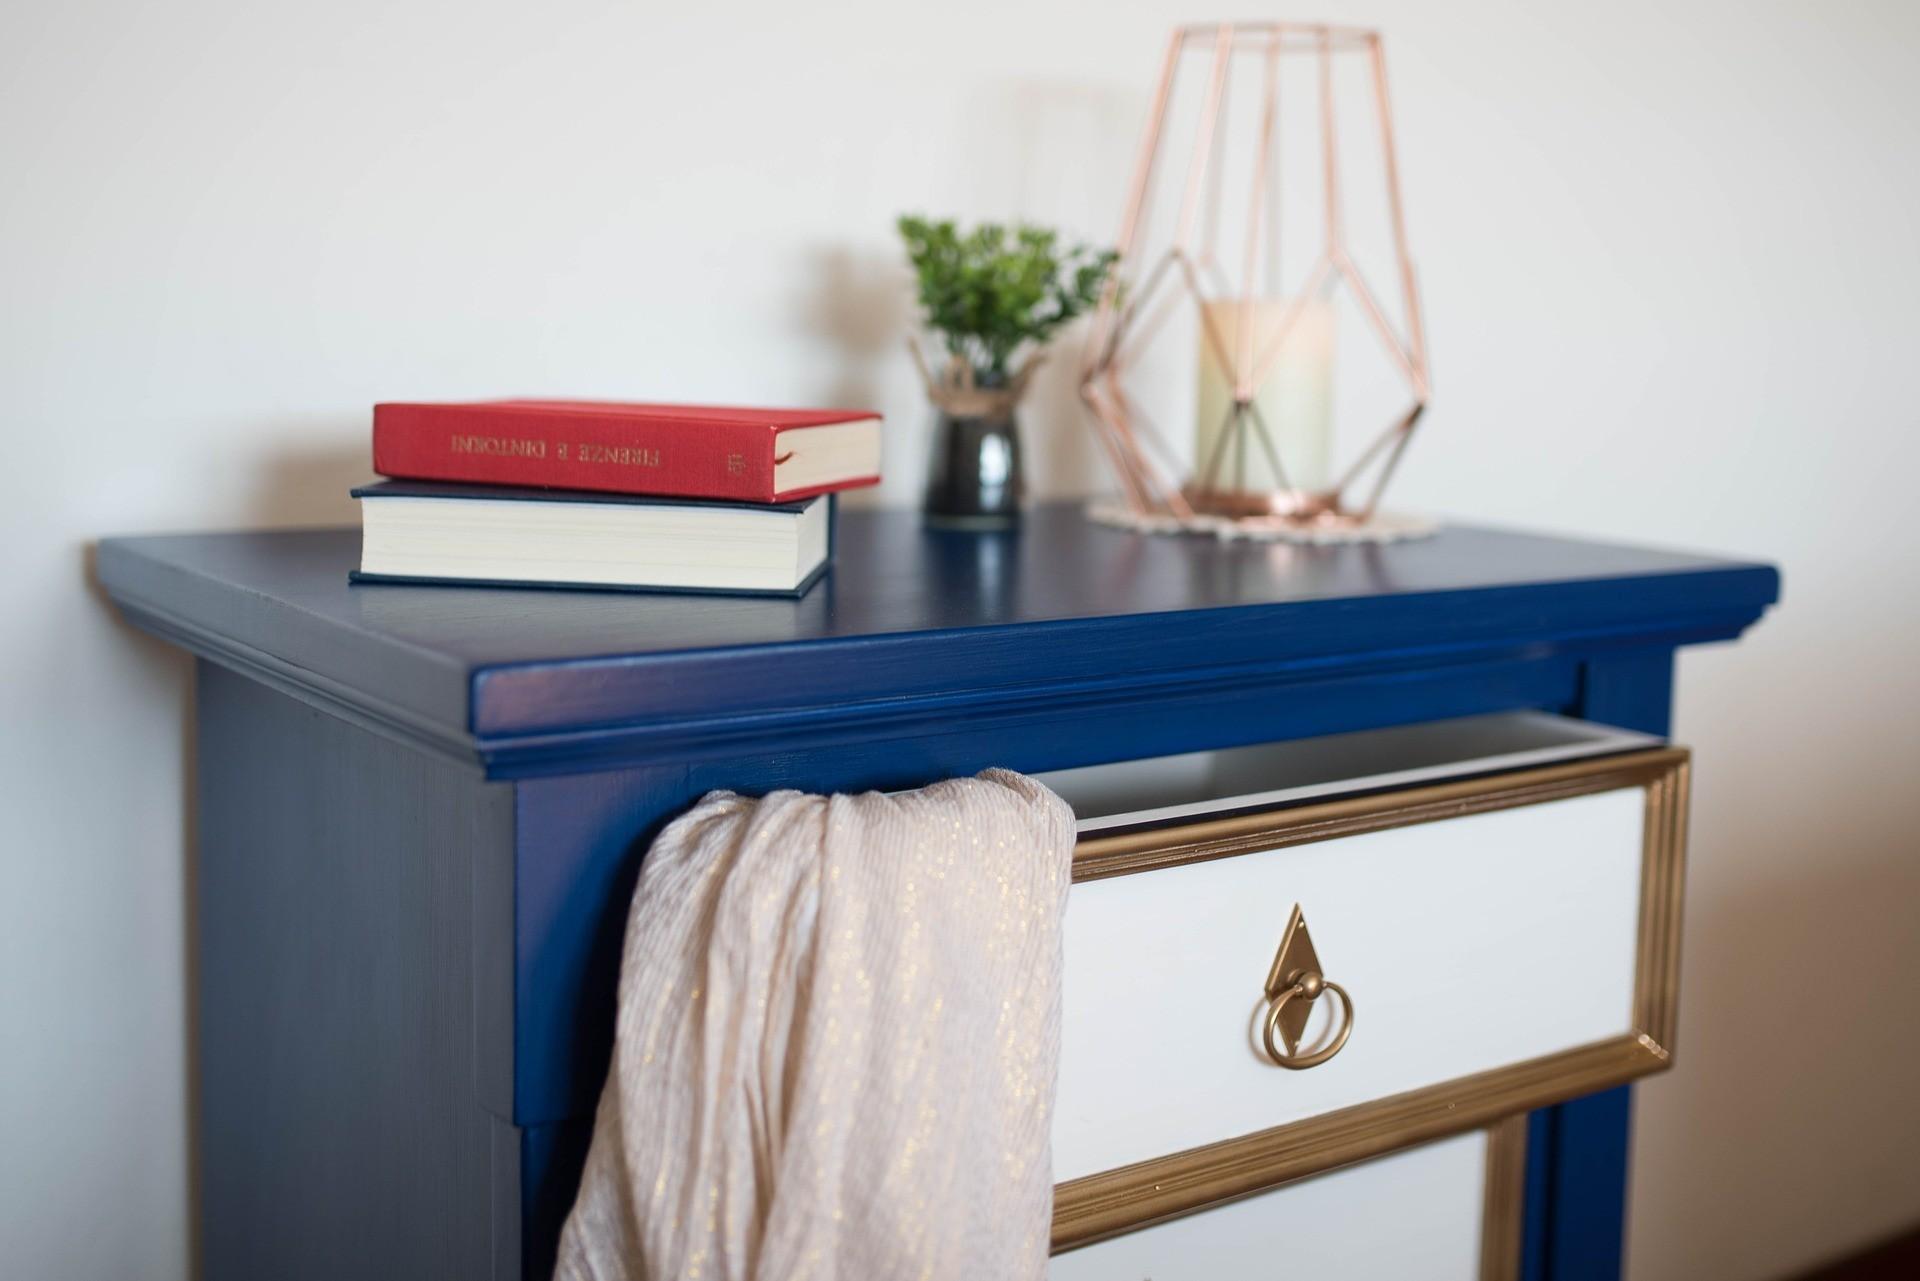 schr nke ausmisten hausmittel tipps frag mutti. Black Bedroom Furniture Sets. Home Design Ideas